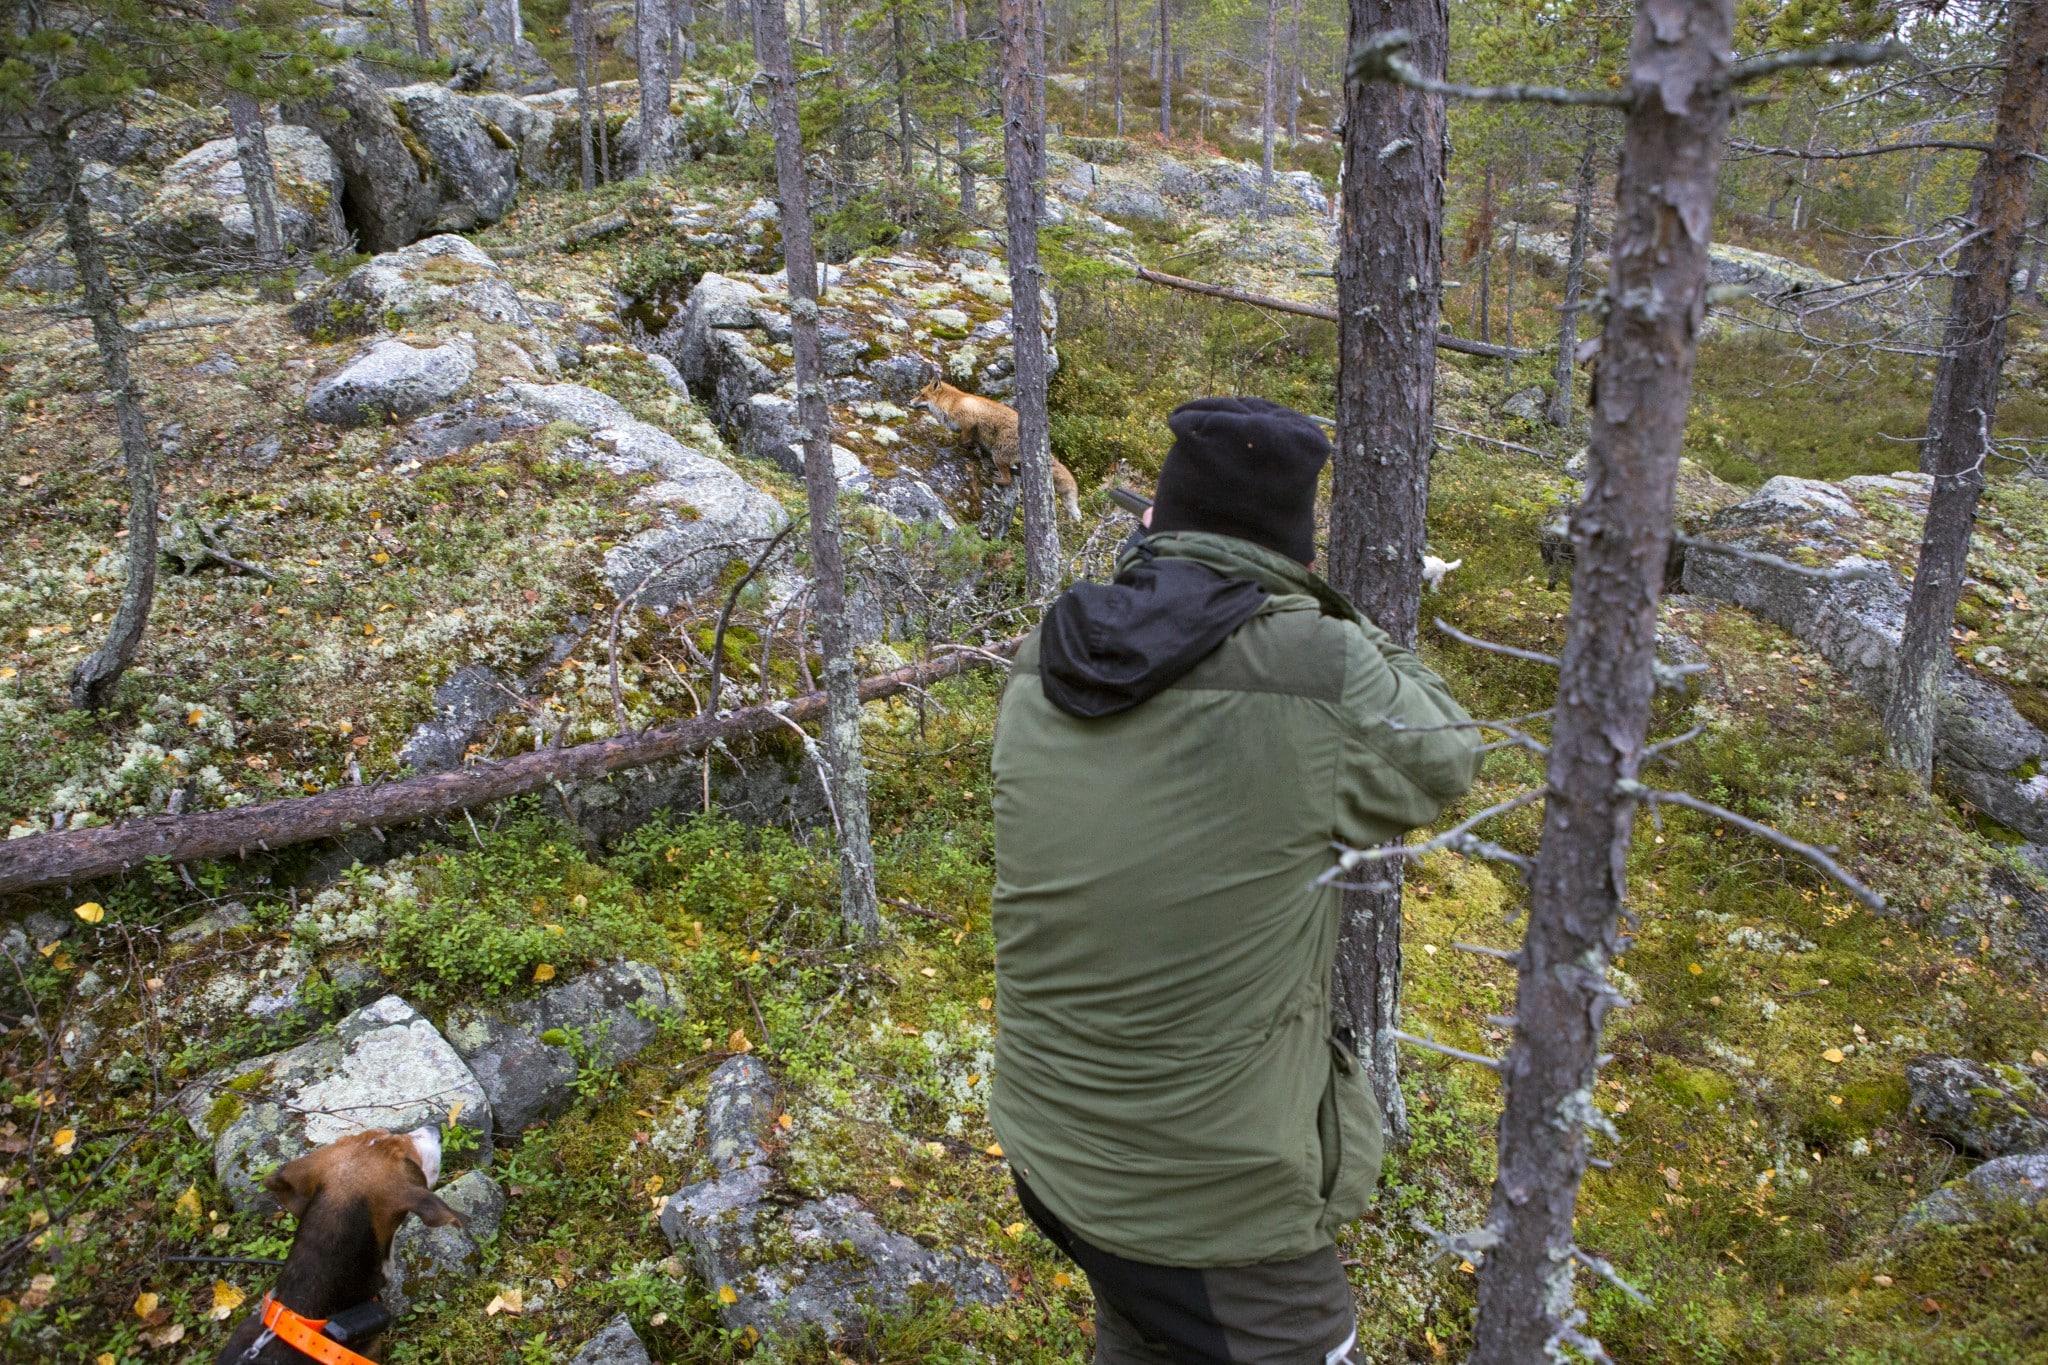 Till räv används normalt relativt grova hagel som ger tillräcklig genomträngning även på ett lite större vilt med tjock päls. När skotthållet är kort blir det förstås mindre viktigt.